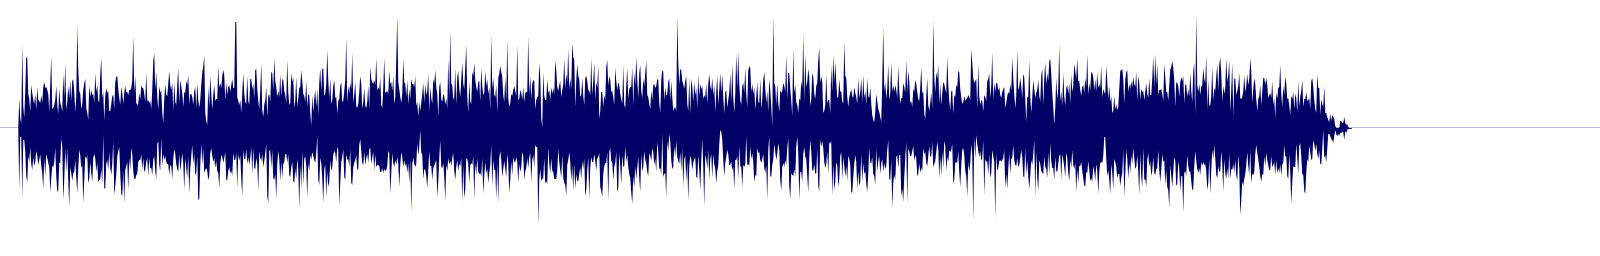 waveform of track #132095